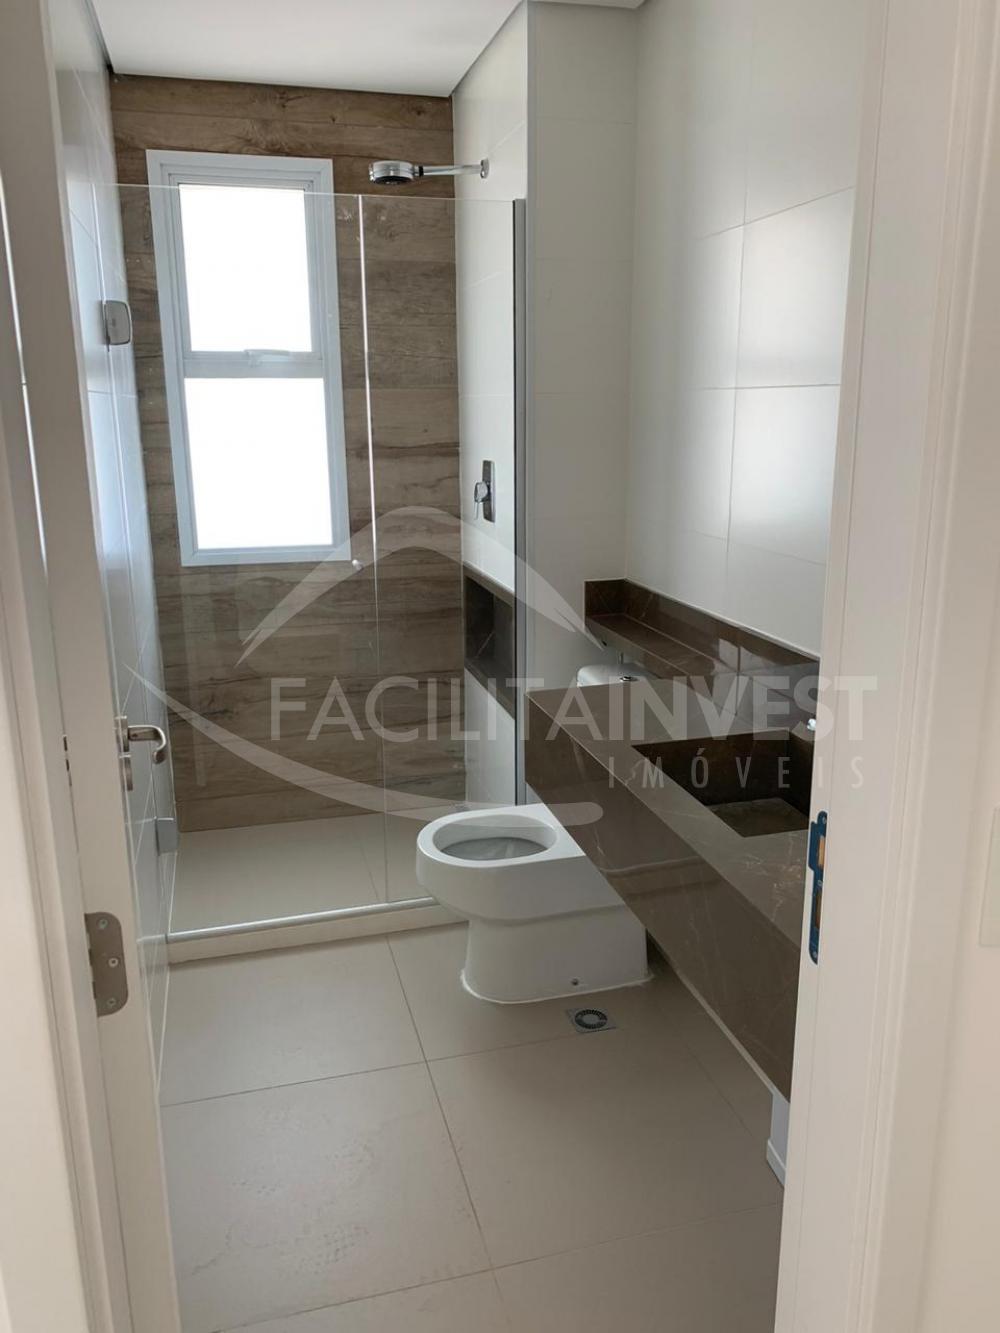 Comprar Apartamentos / Apart. Padrão em Ribeirão Preto apenas R$ 630.000,00 - Foto 14